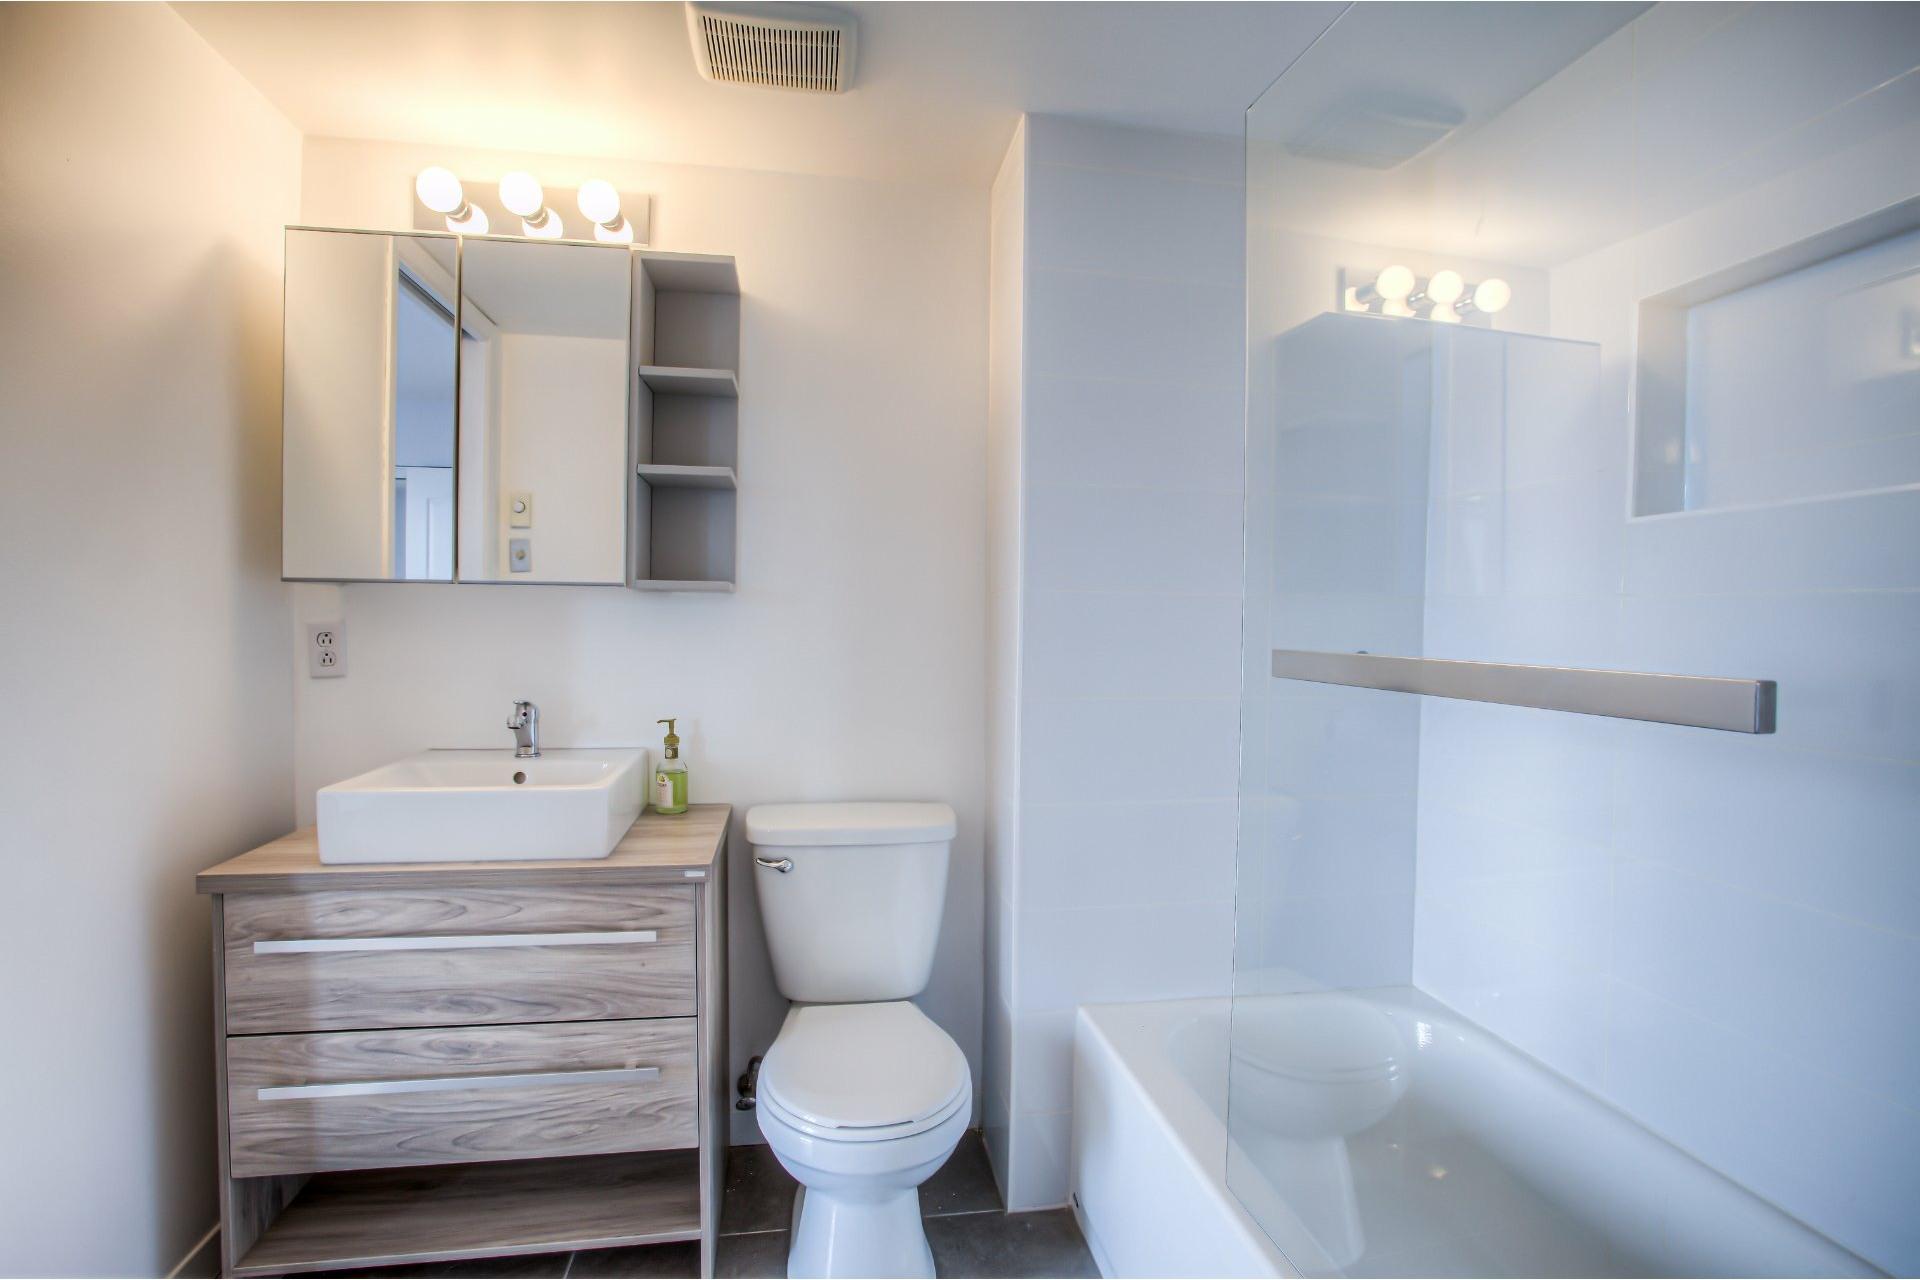 image 16 - Apartment For rent Saint-Laurent Montréal  - 8 rooms